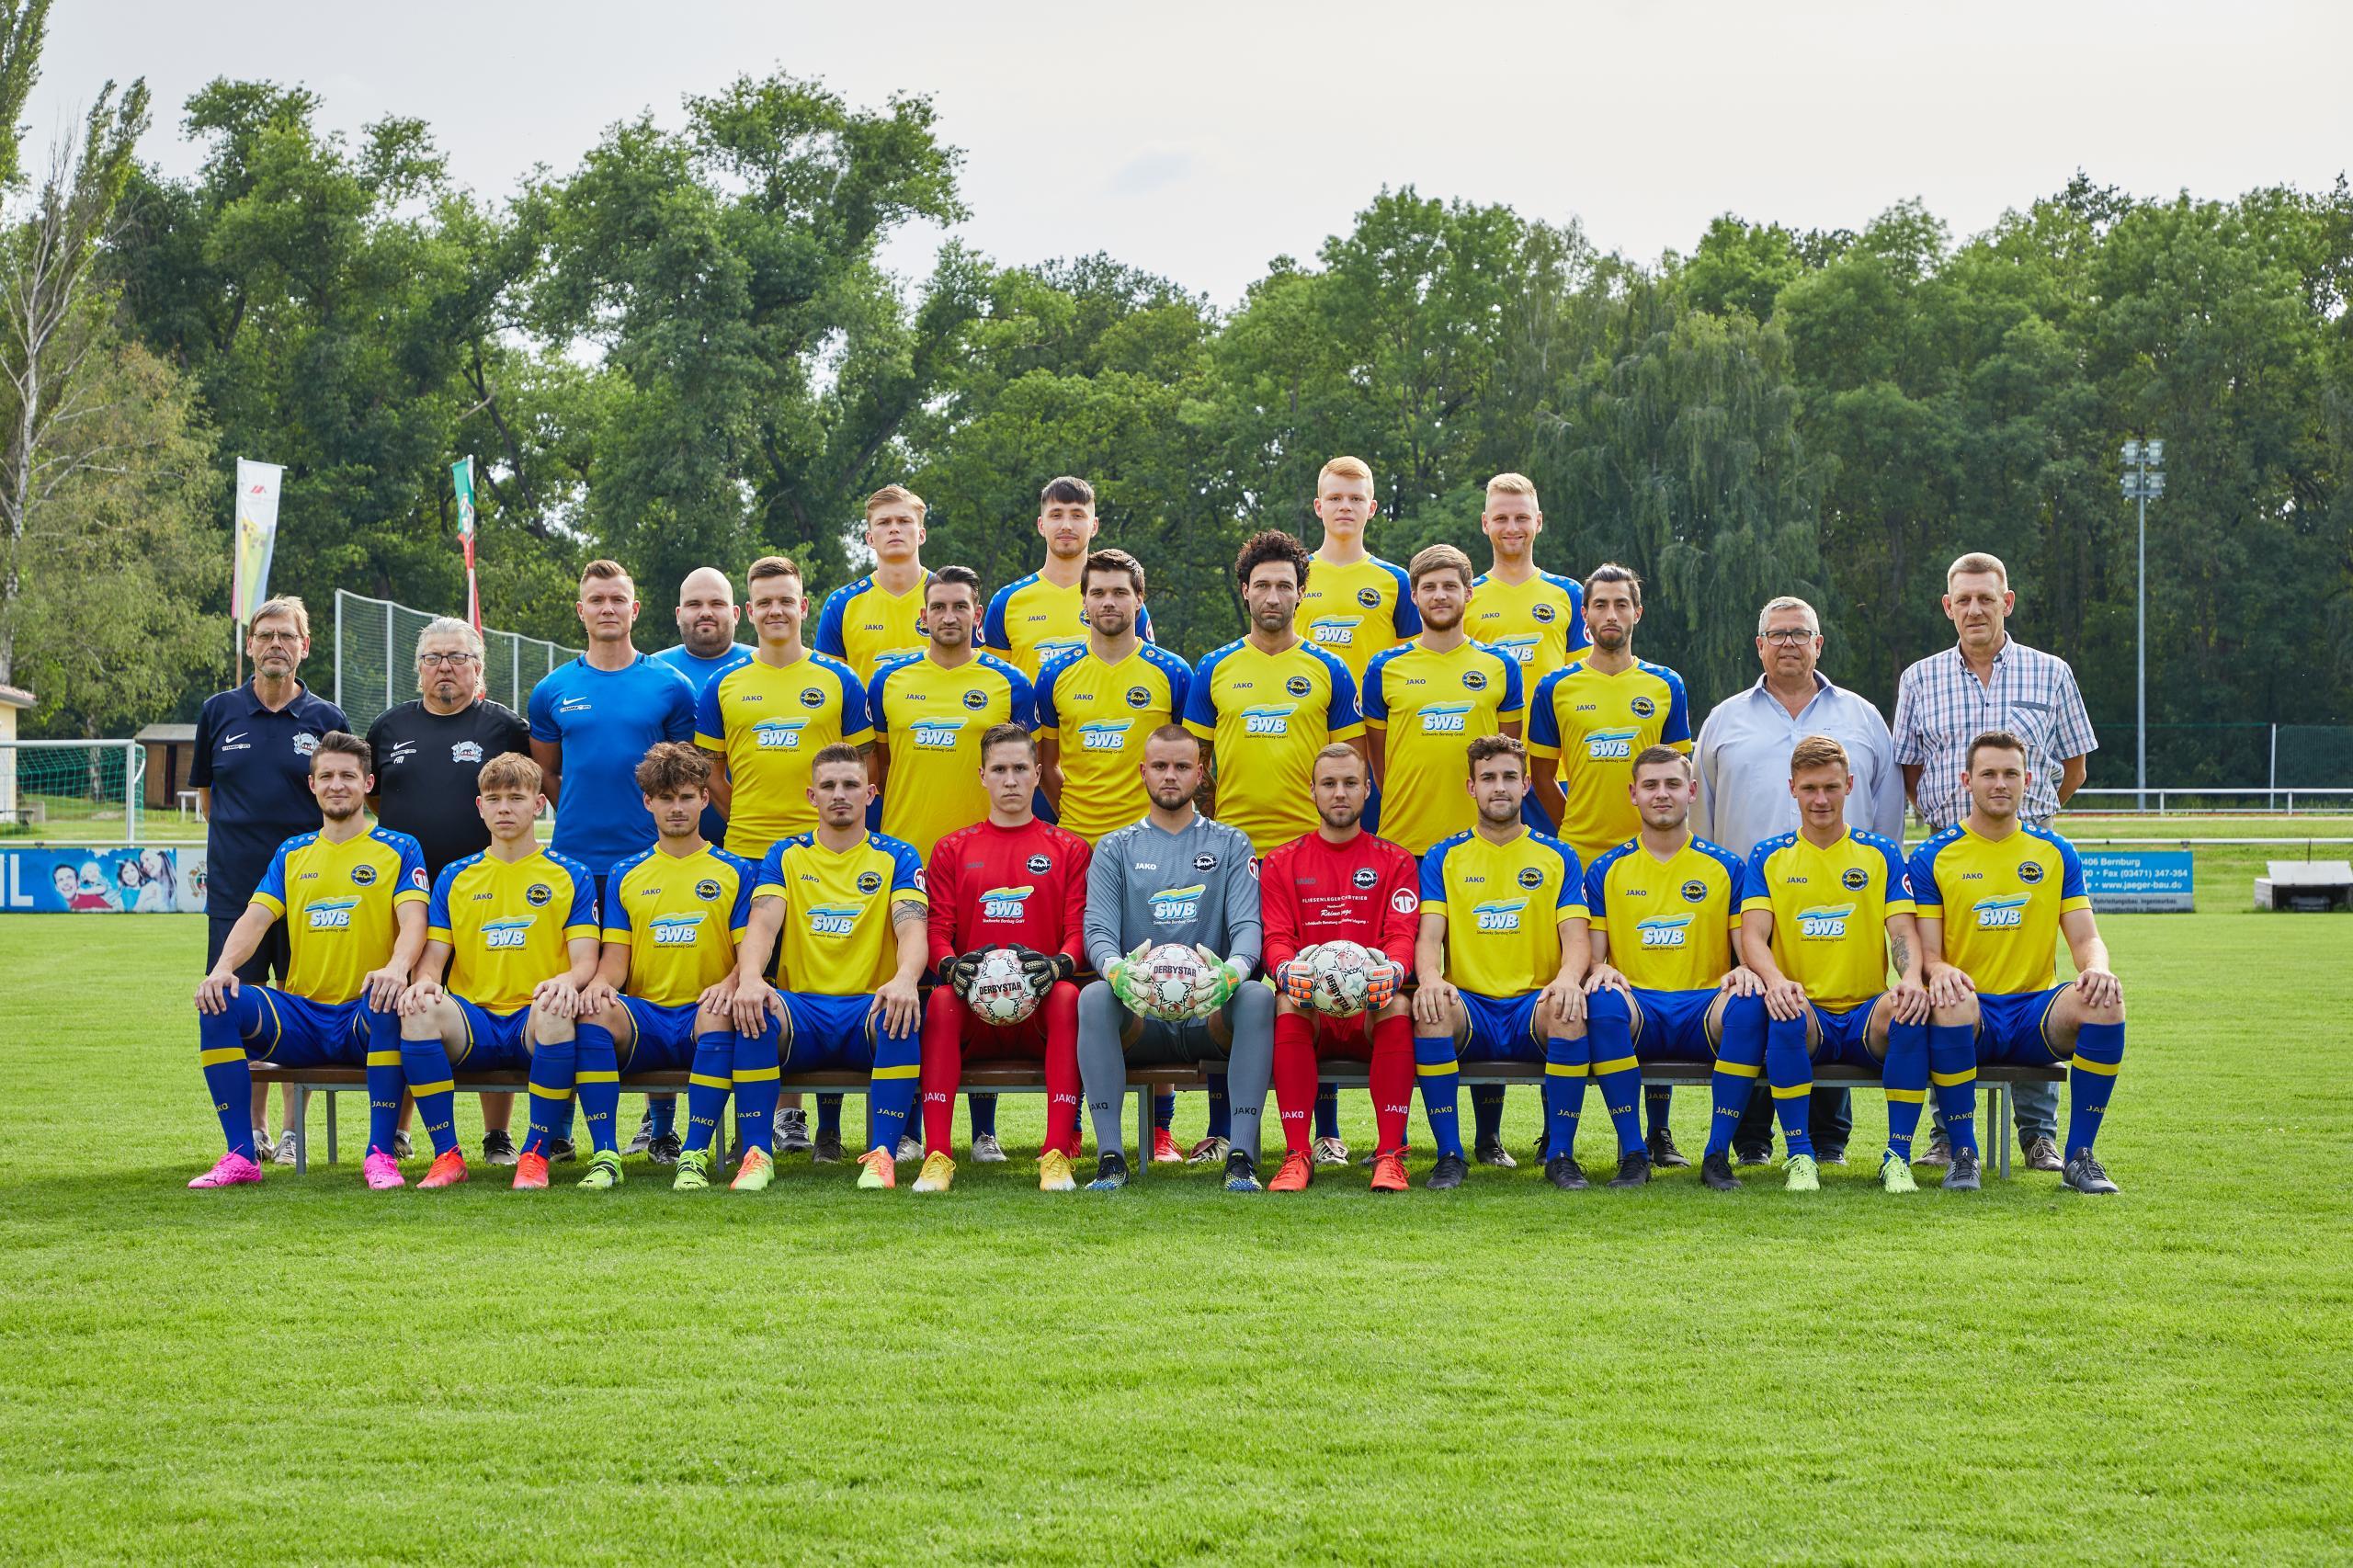 Mannschaftsfoto - 1. Männer - Saison 2021/22